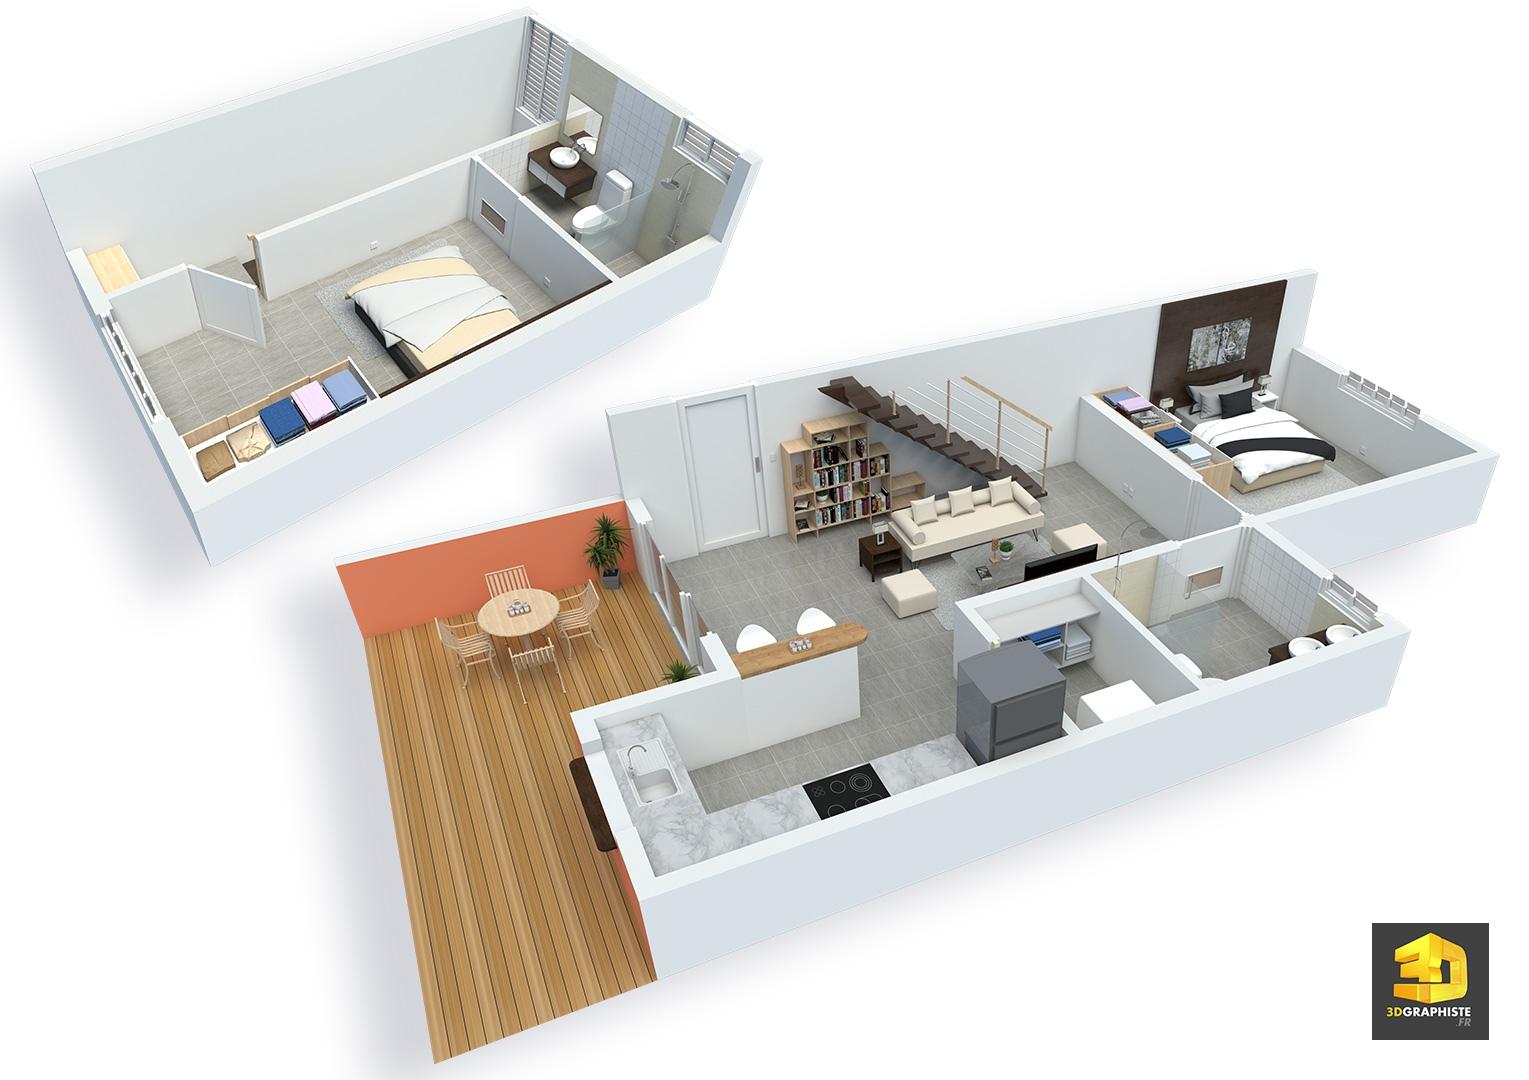 Plan de vente une illustration d 39 architecture 3d - Plan appartement gratuit ...